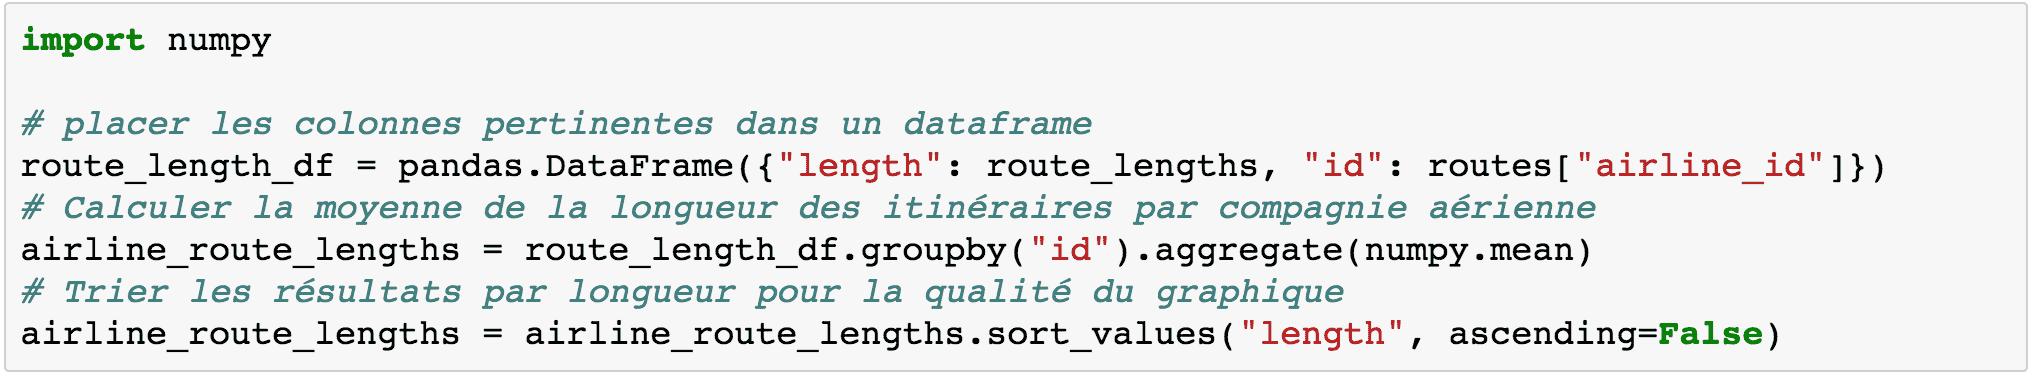 Visualisation de données en Python: comparaison d'outils 11